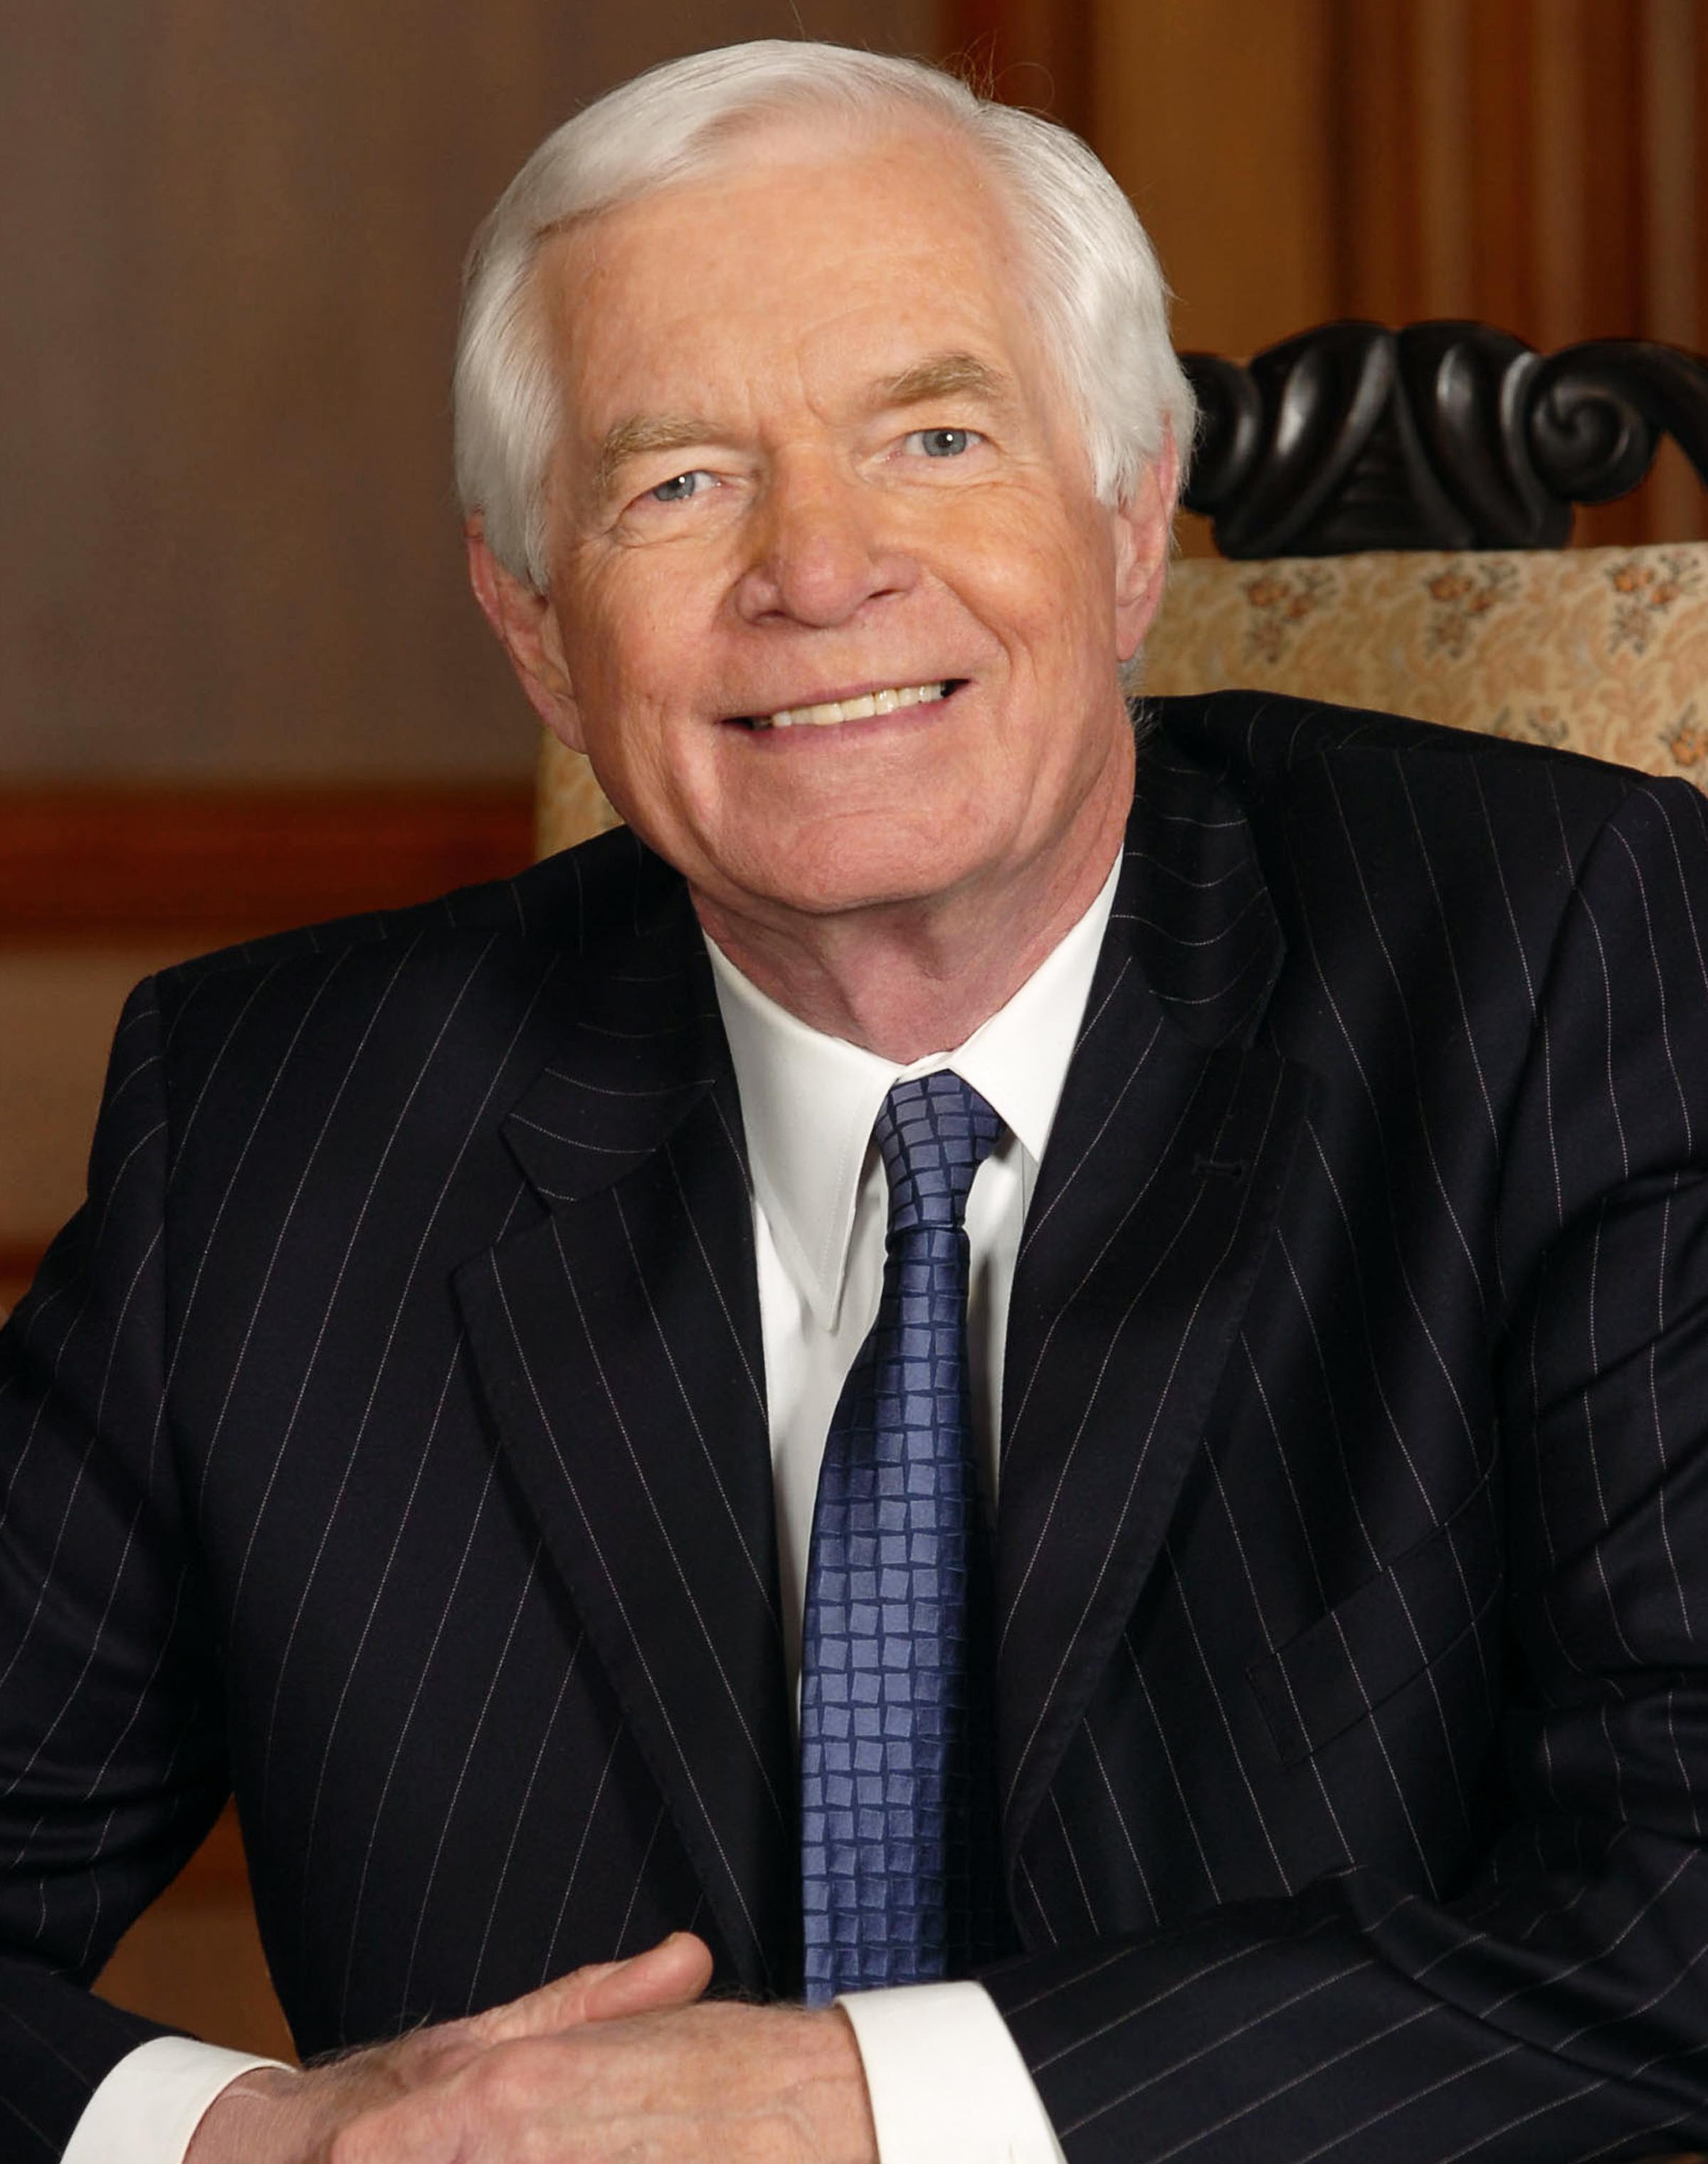 Senator Cochran